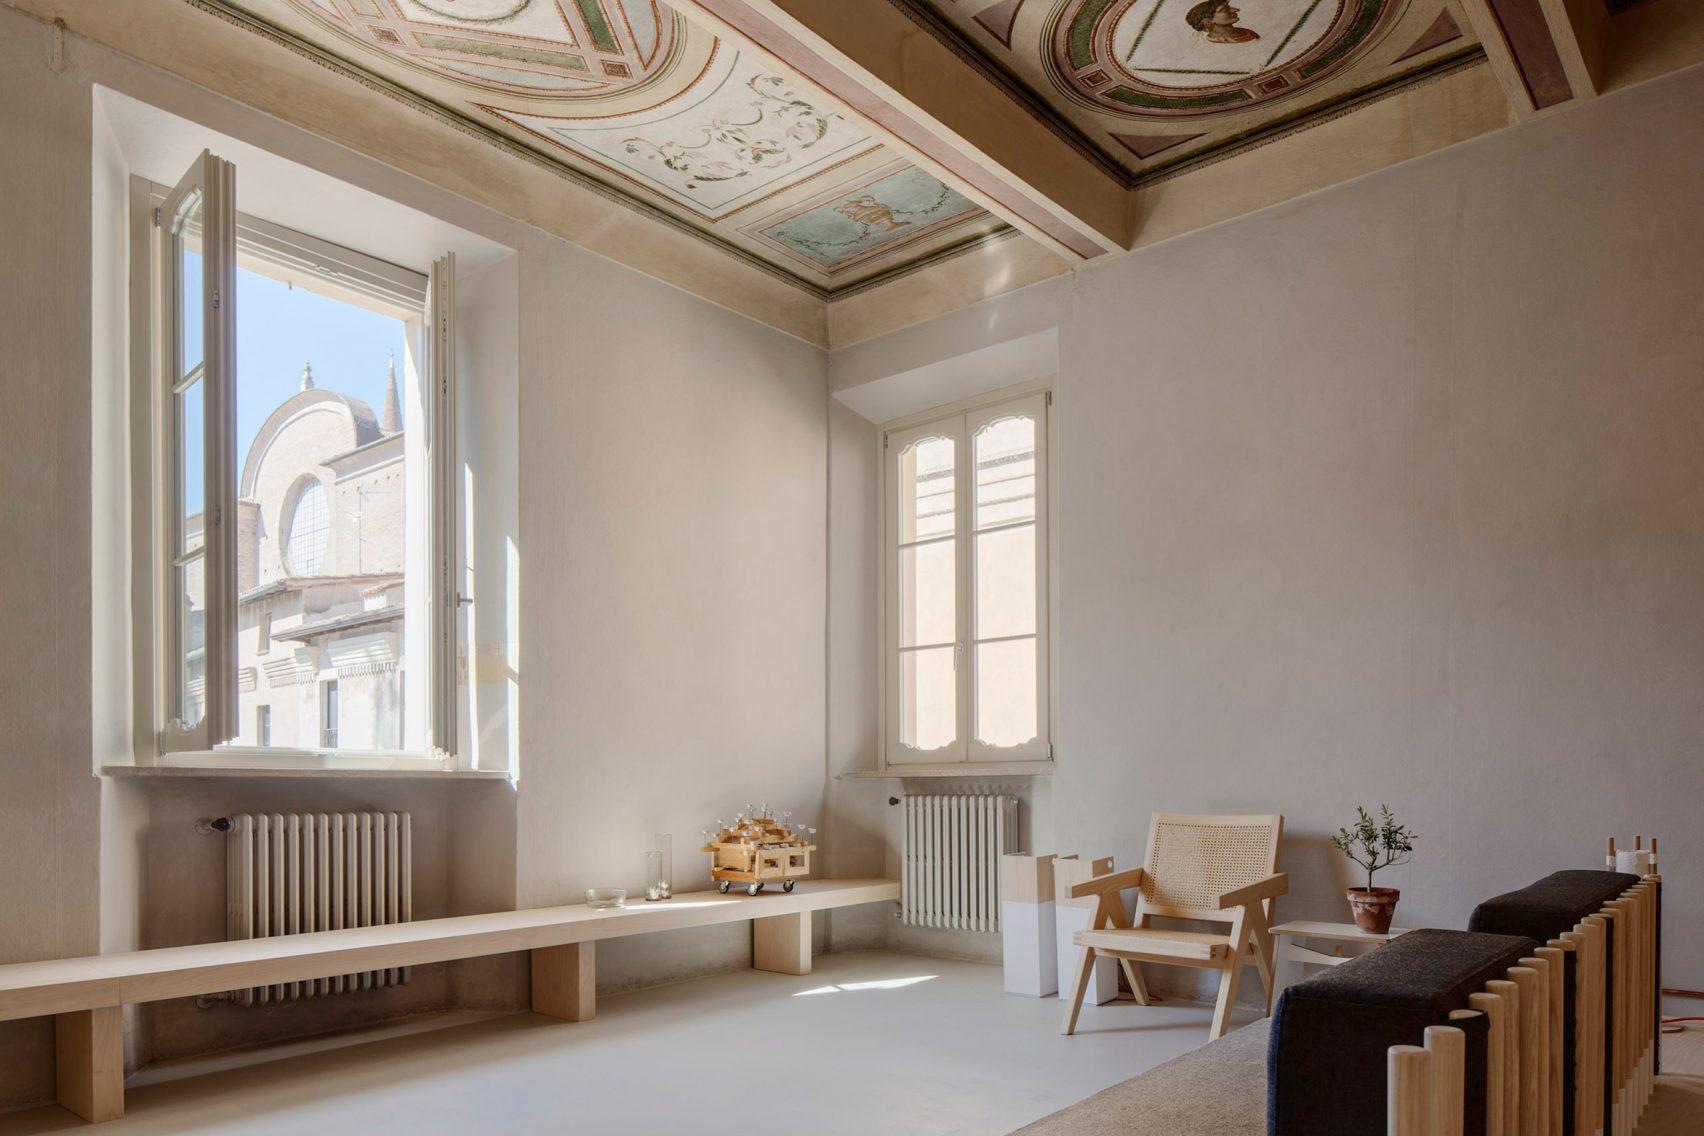 نقاشی محو هنرمندانه در بازسازی خانه ایتالیایی قرن پانزدهم / طراحی داخلی Archiplan